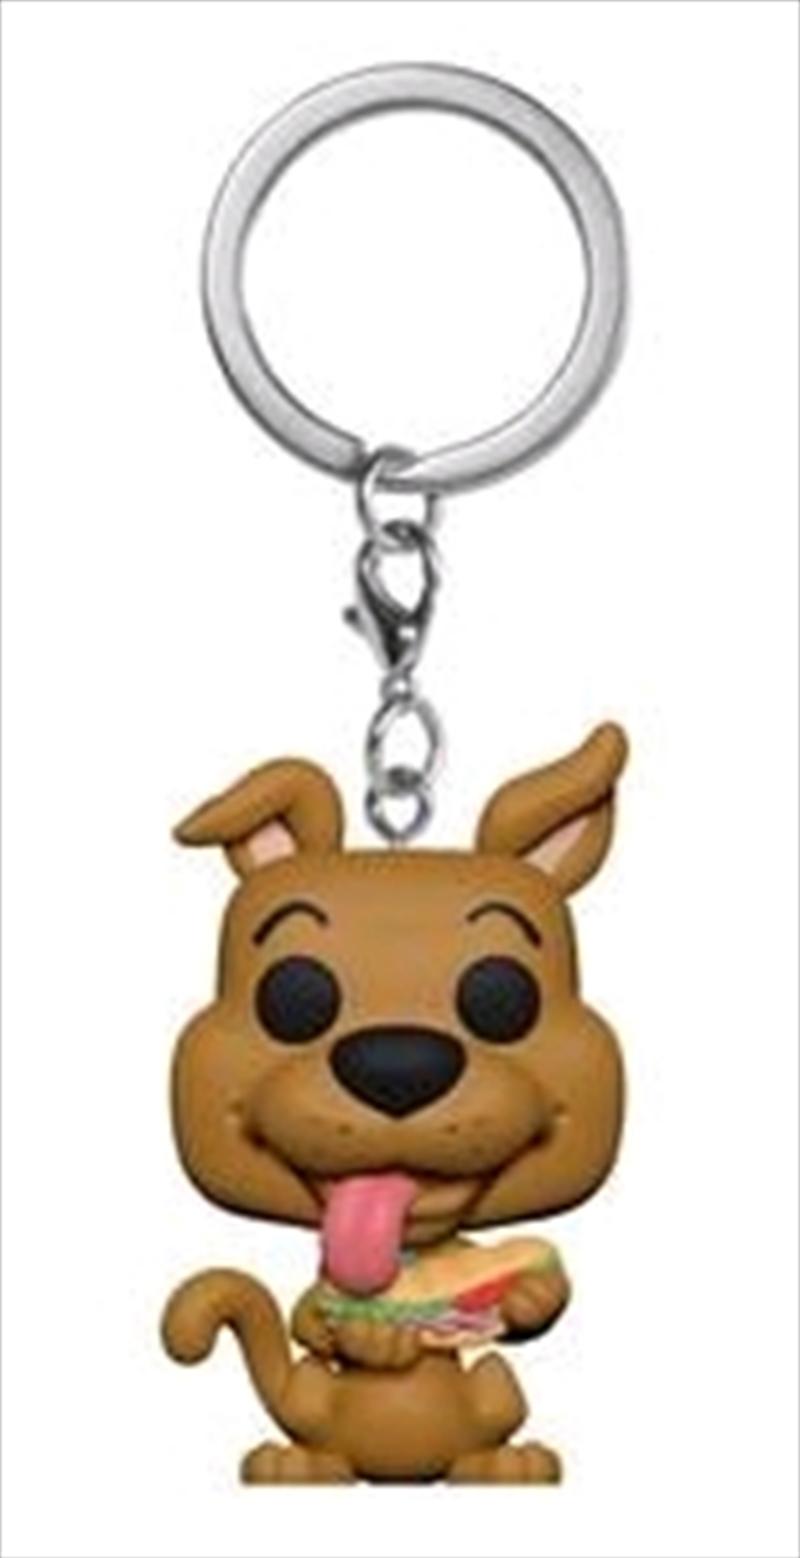 Scooby Doo - Scooby Doo with Sandwich US Exclusive Pocket Pop! Keychain [RS] | Pop Vinyl